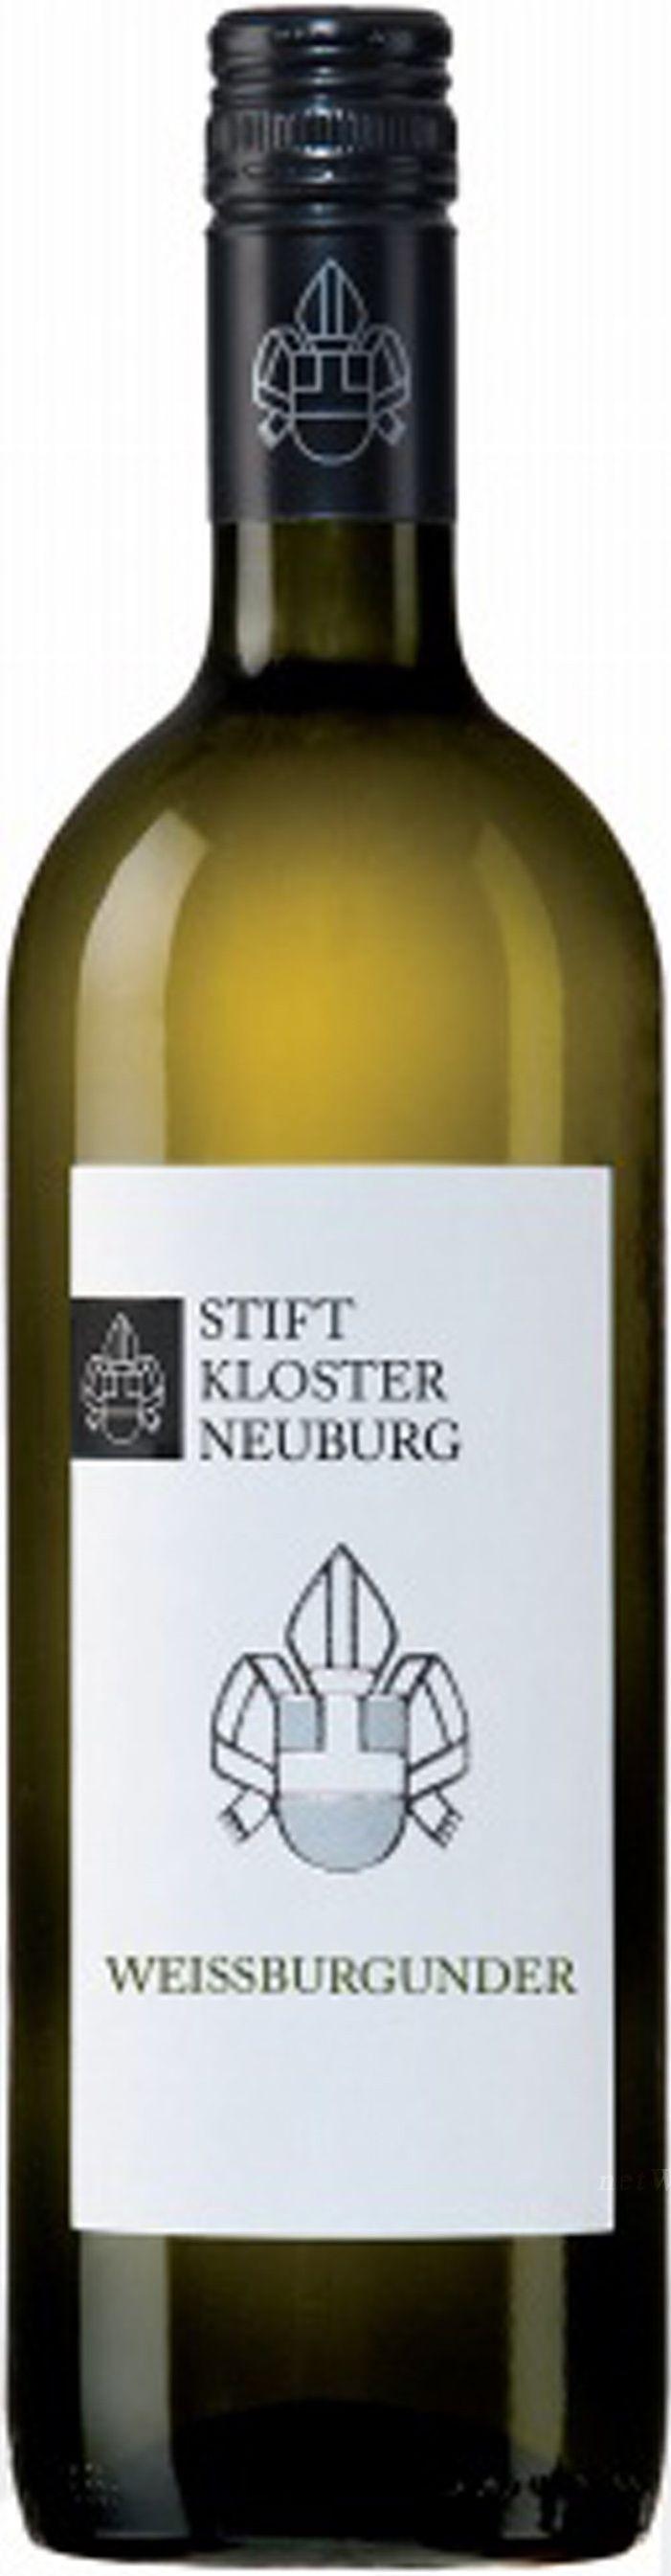 Stift Klosterneuburg - Weißburgunder Stiftswein, 2015